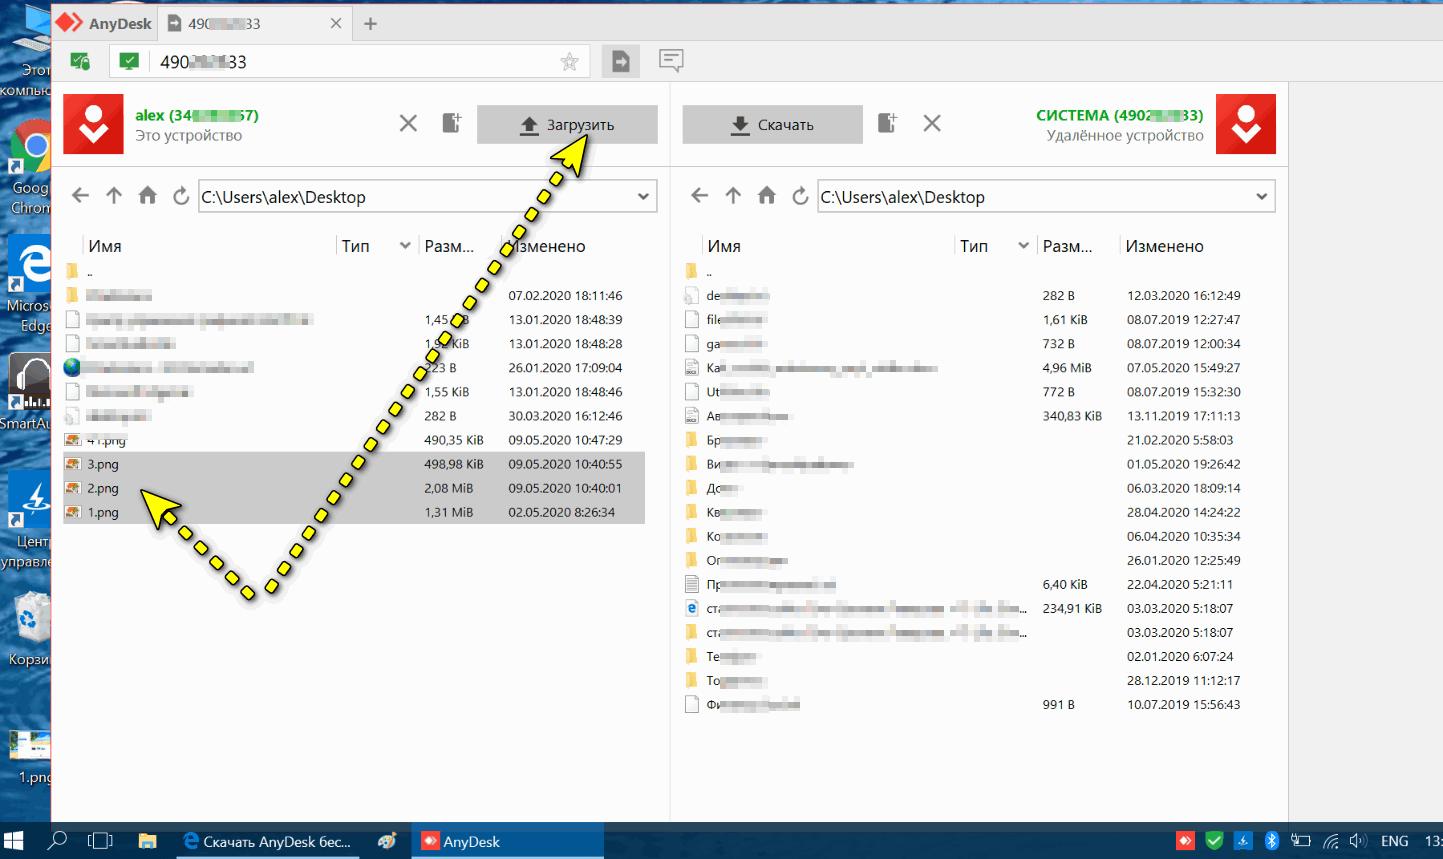 Форма для скачивания и загрузки файла на удаленный ПК / AnyDesk